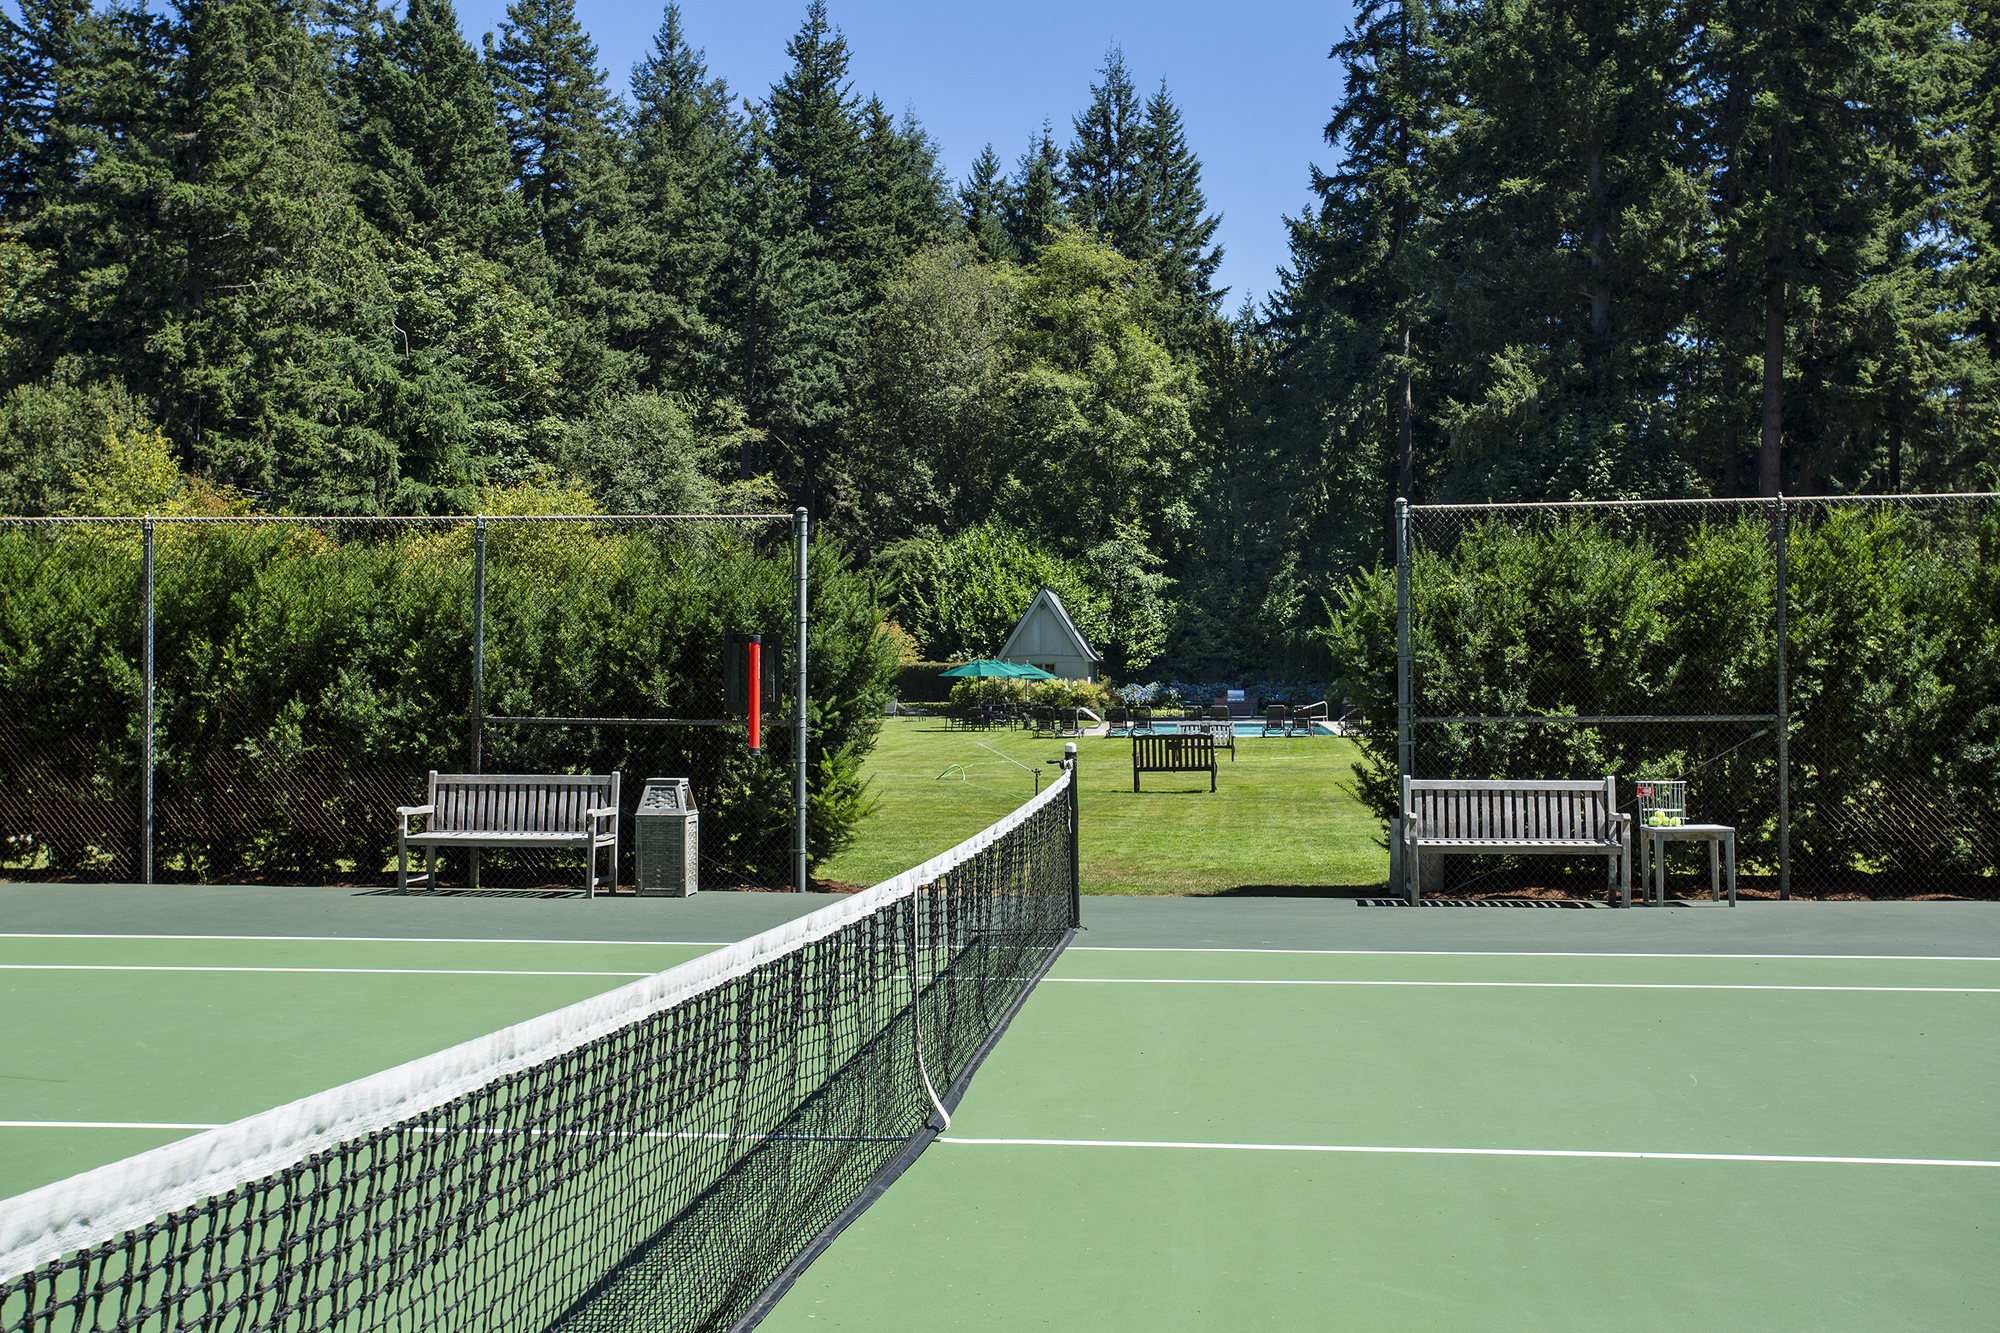 tennis-2-2000.jpg